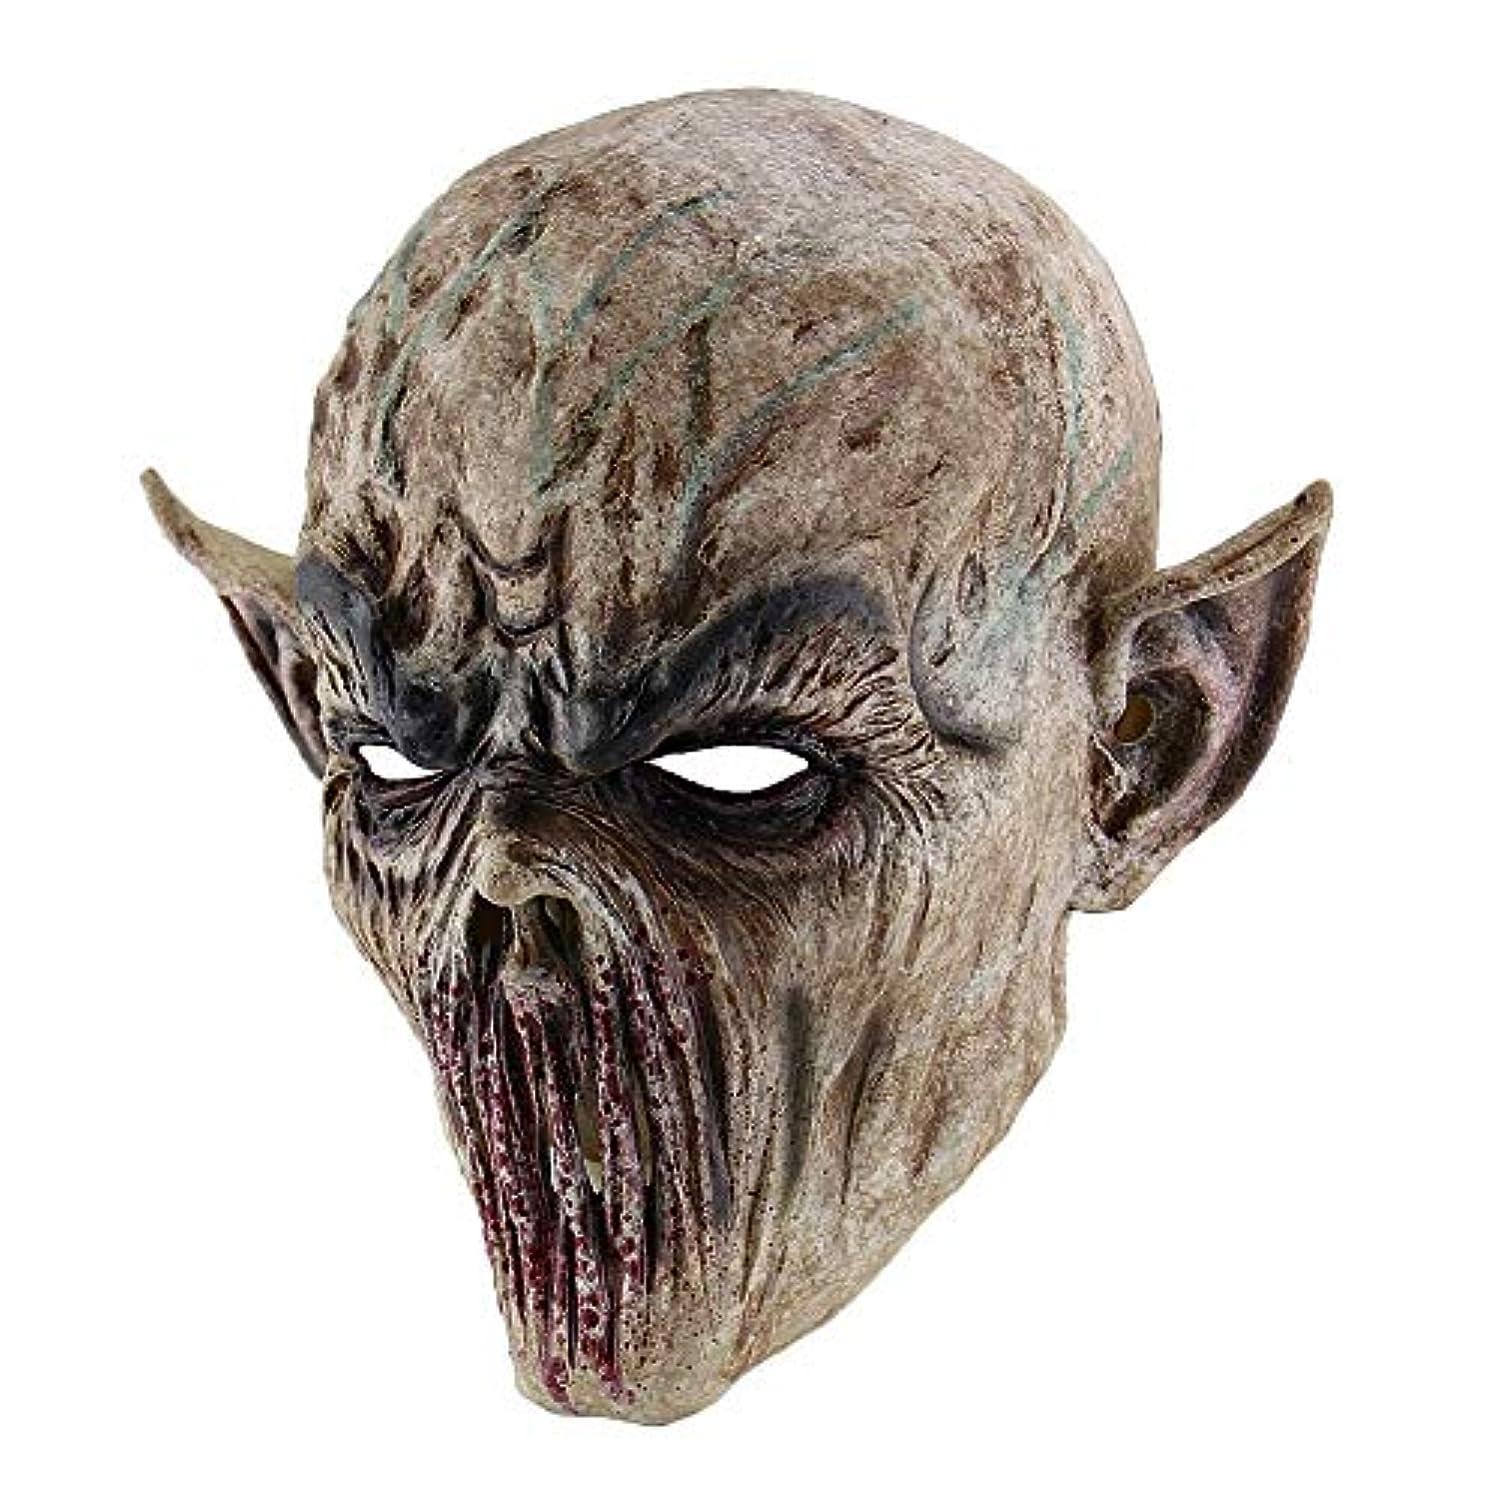 破壊する抽選社会不気味な怖いハロウィーン不気味なラテックスマスク、大人のパーティーコスプレ衣装、仮装衣装,Zombie